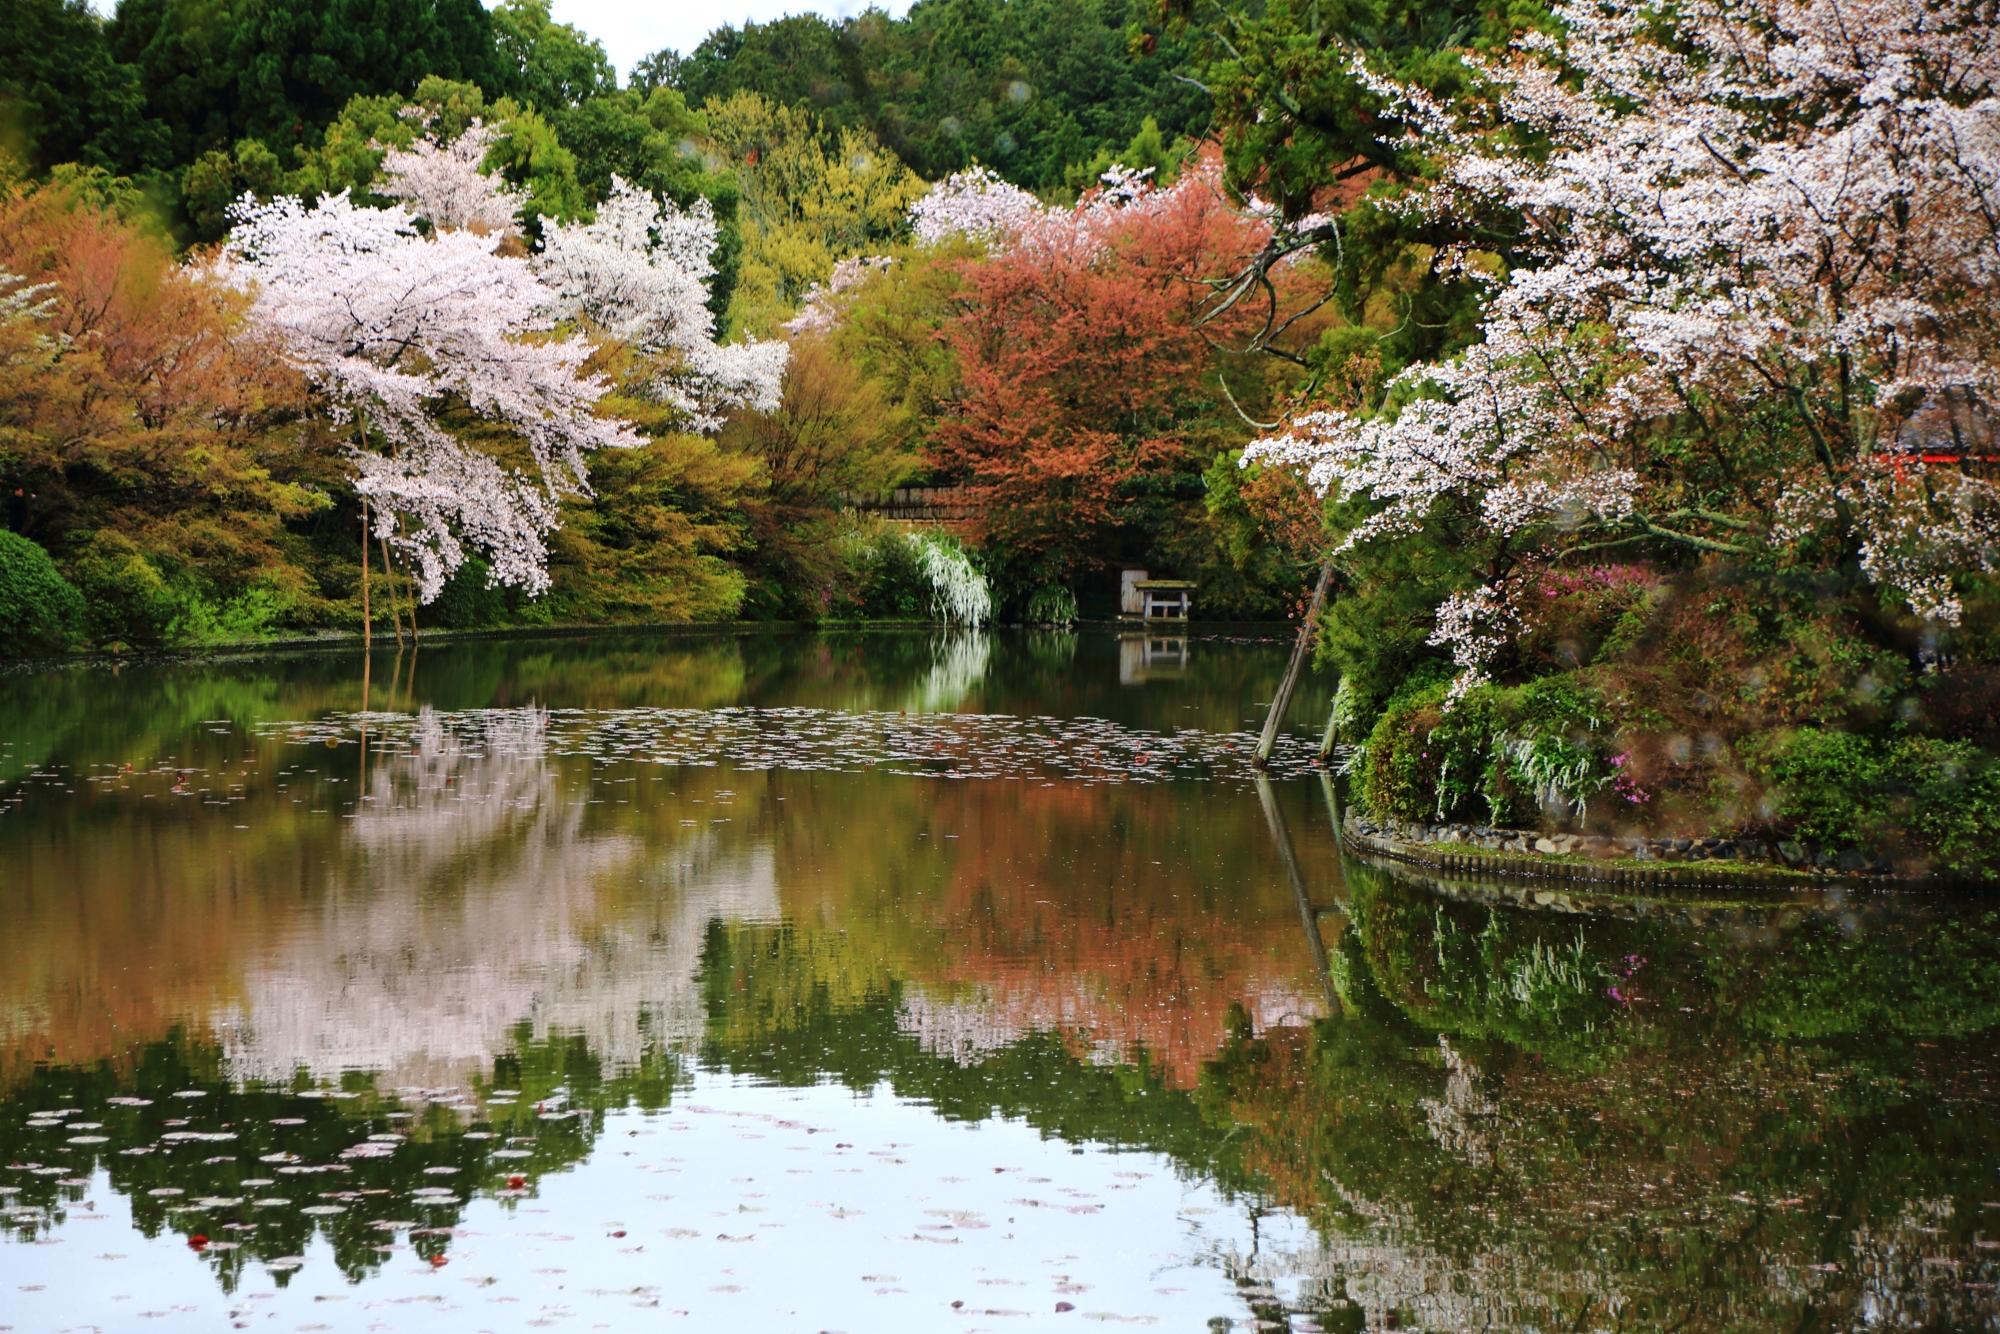 水辺を彩るしっとりとした桜と綺麗な水鏡